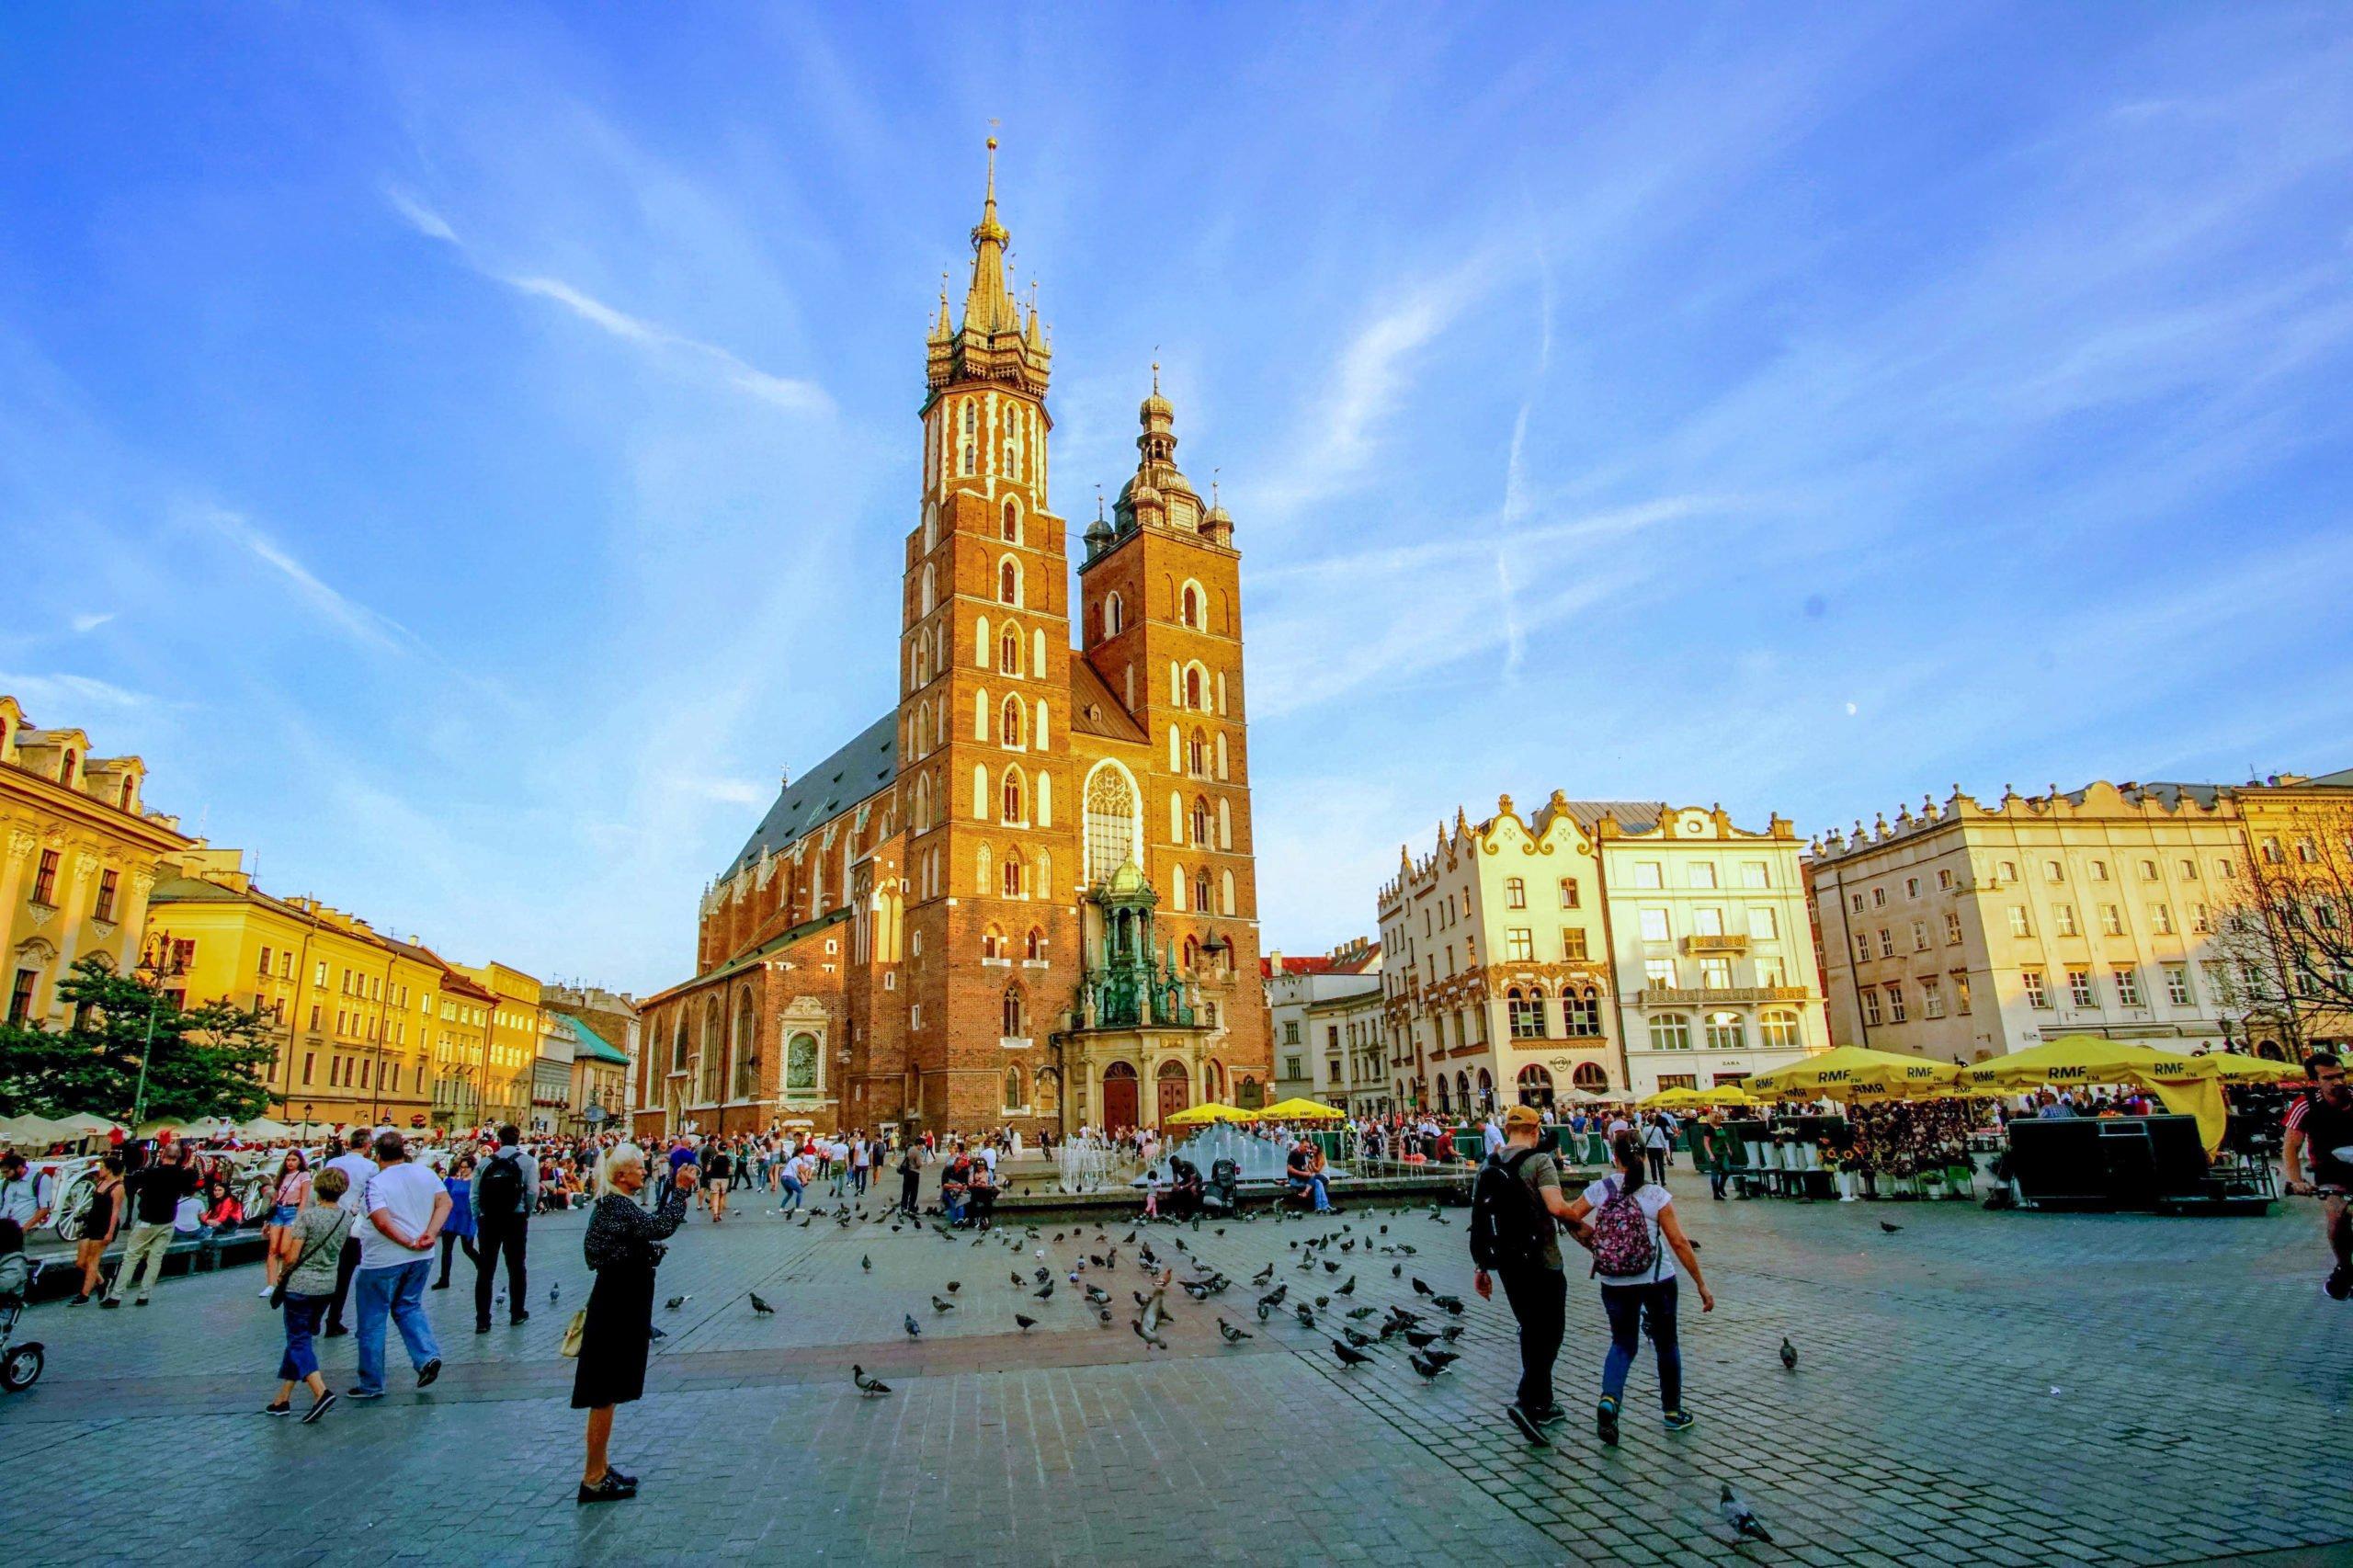 Krakow Main Market Square Rynek Glowny